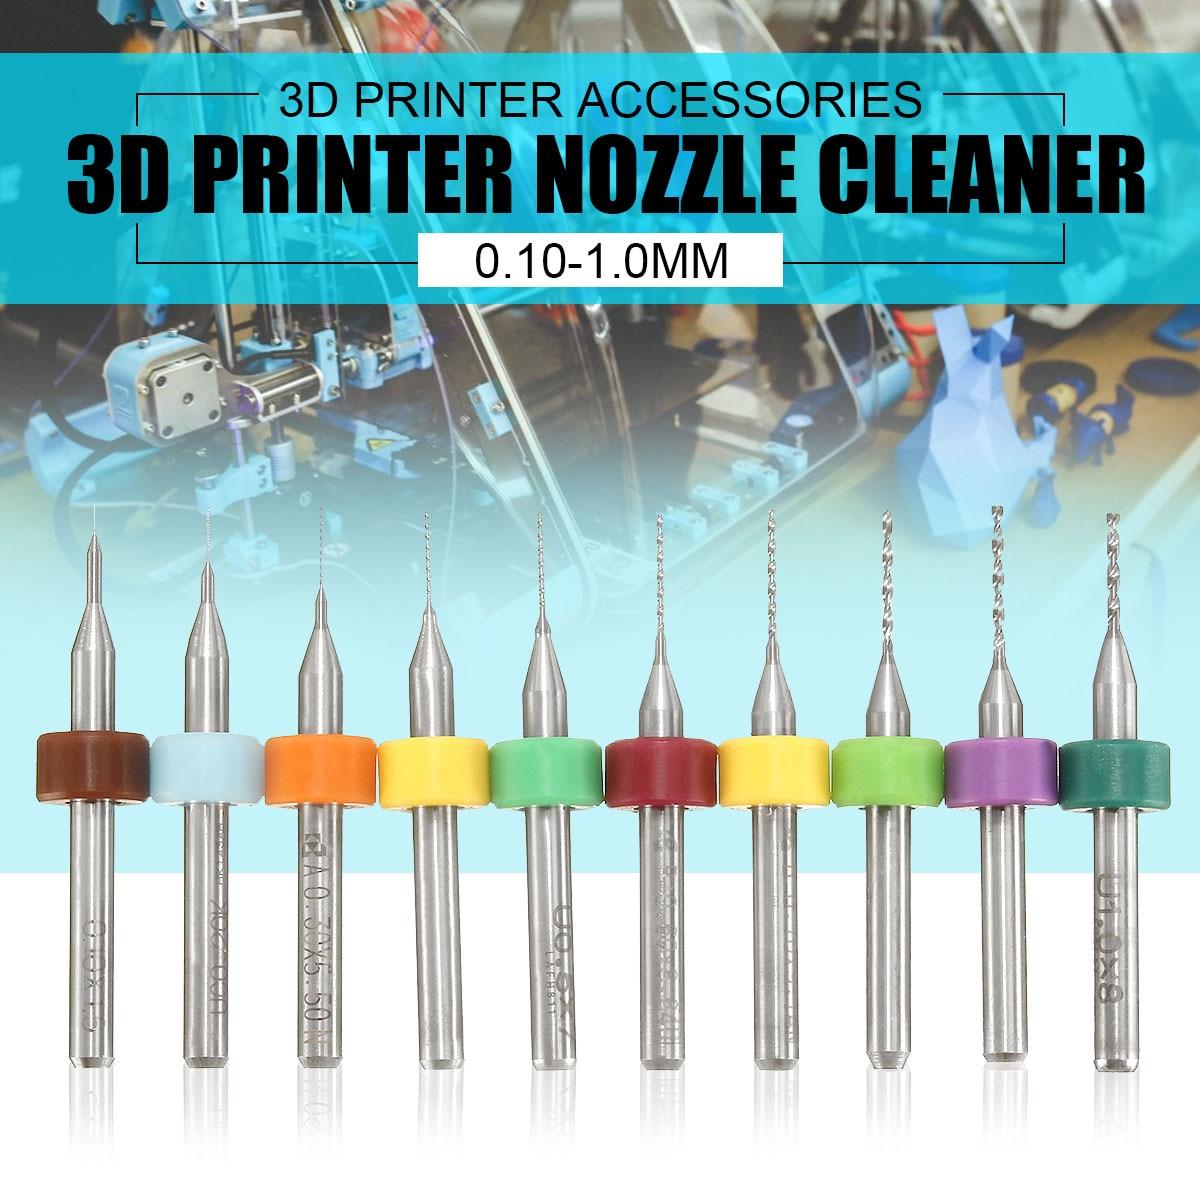 GEEETECH 10 teile/satz 0,1-1,0mm Vhm PCB Bohrer Düse Reinigung Reiniger für Extruder RepRap 3D Drucker zubehör